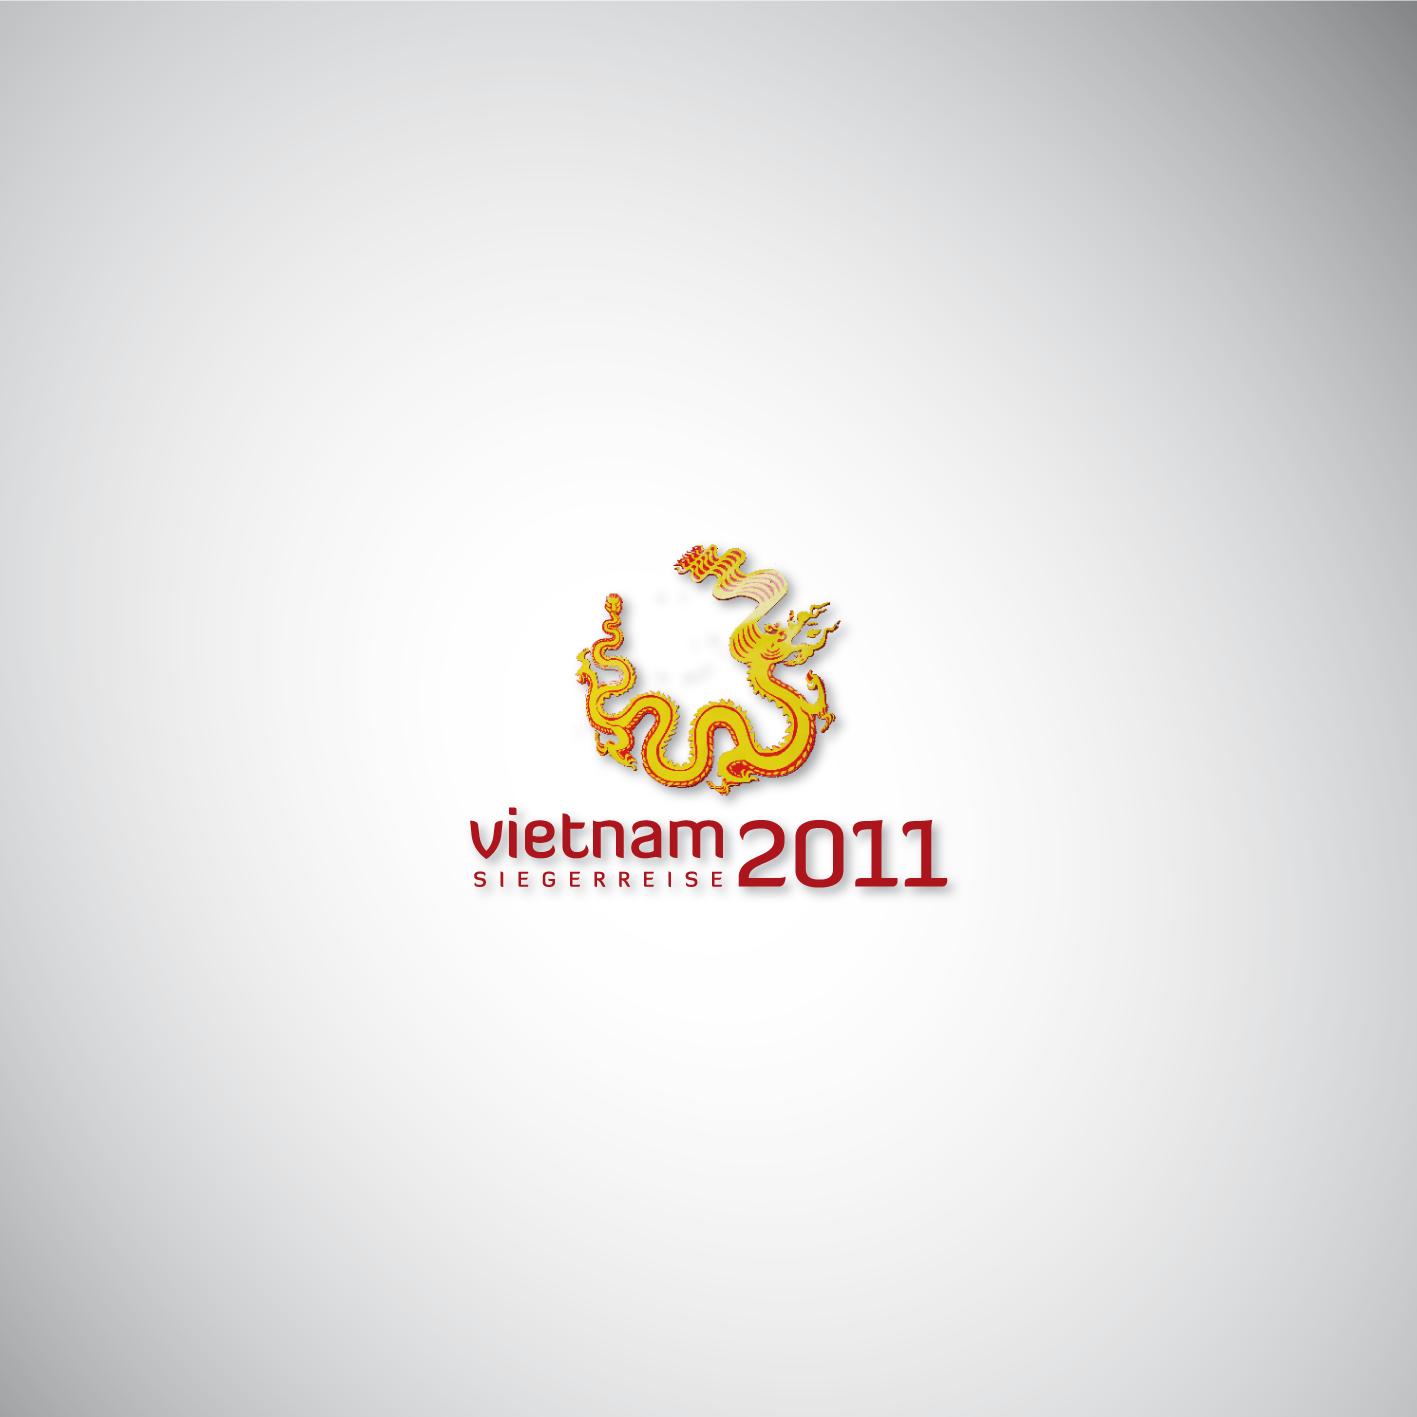 cofave_vietnam1